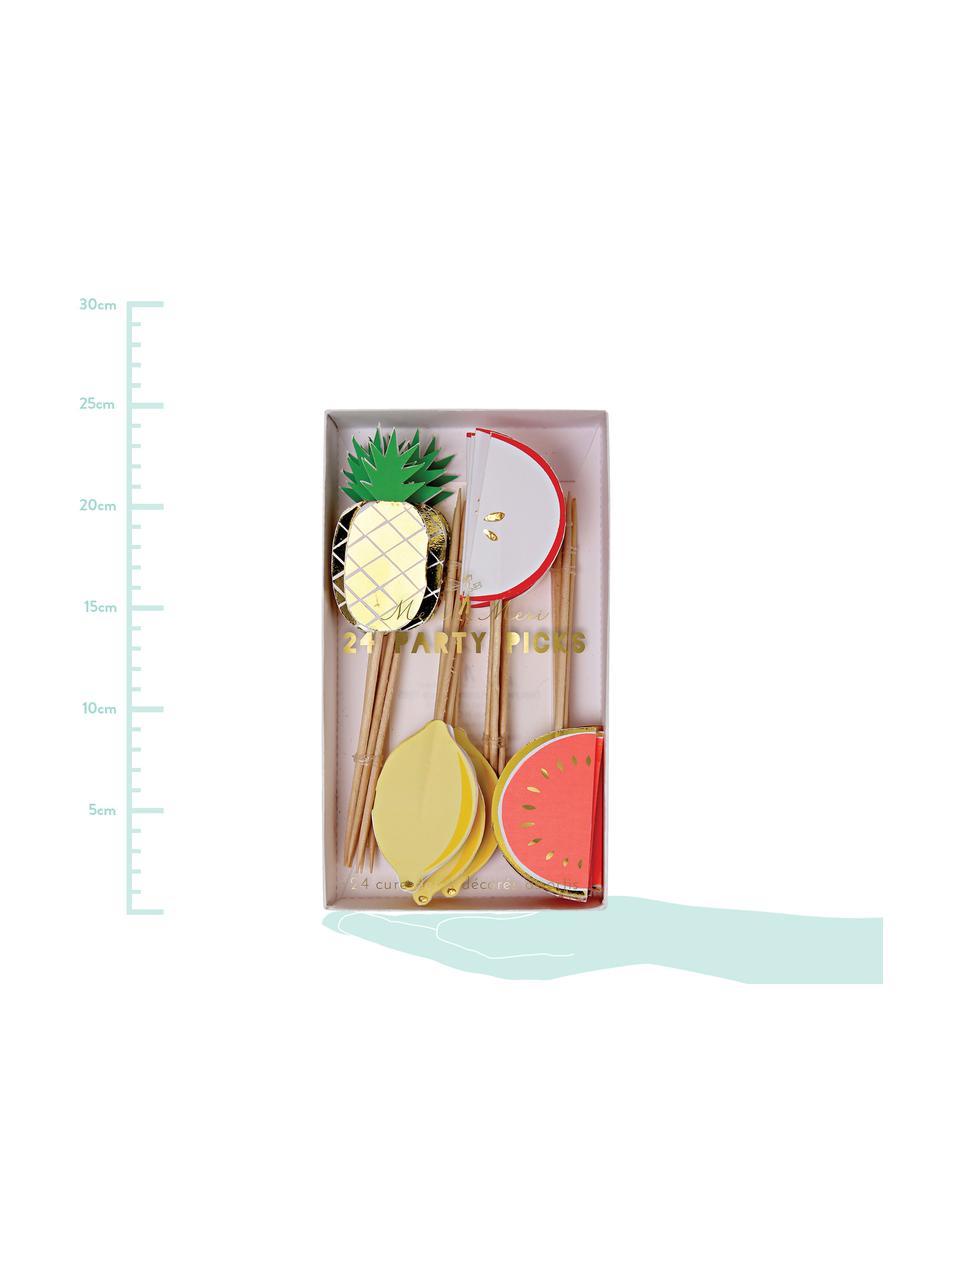 Komplet wykałaczek z papieru Fruit Party, 24 elem., Papier, drewno naturalne, Wielobarwny, D 11 x S 2 cm